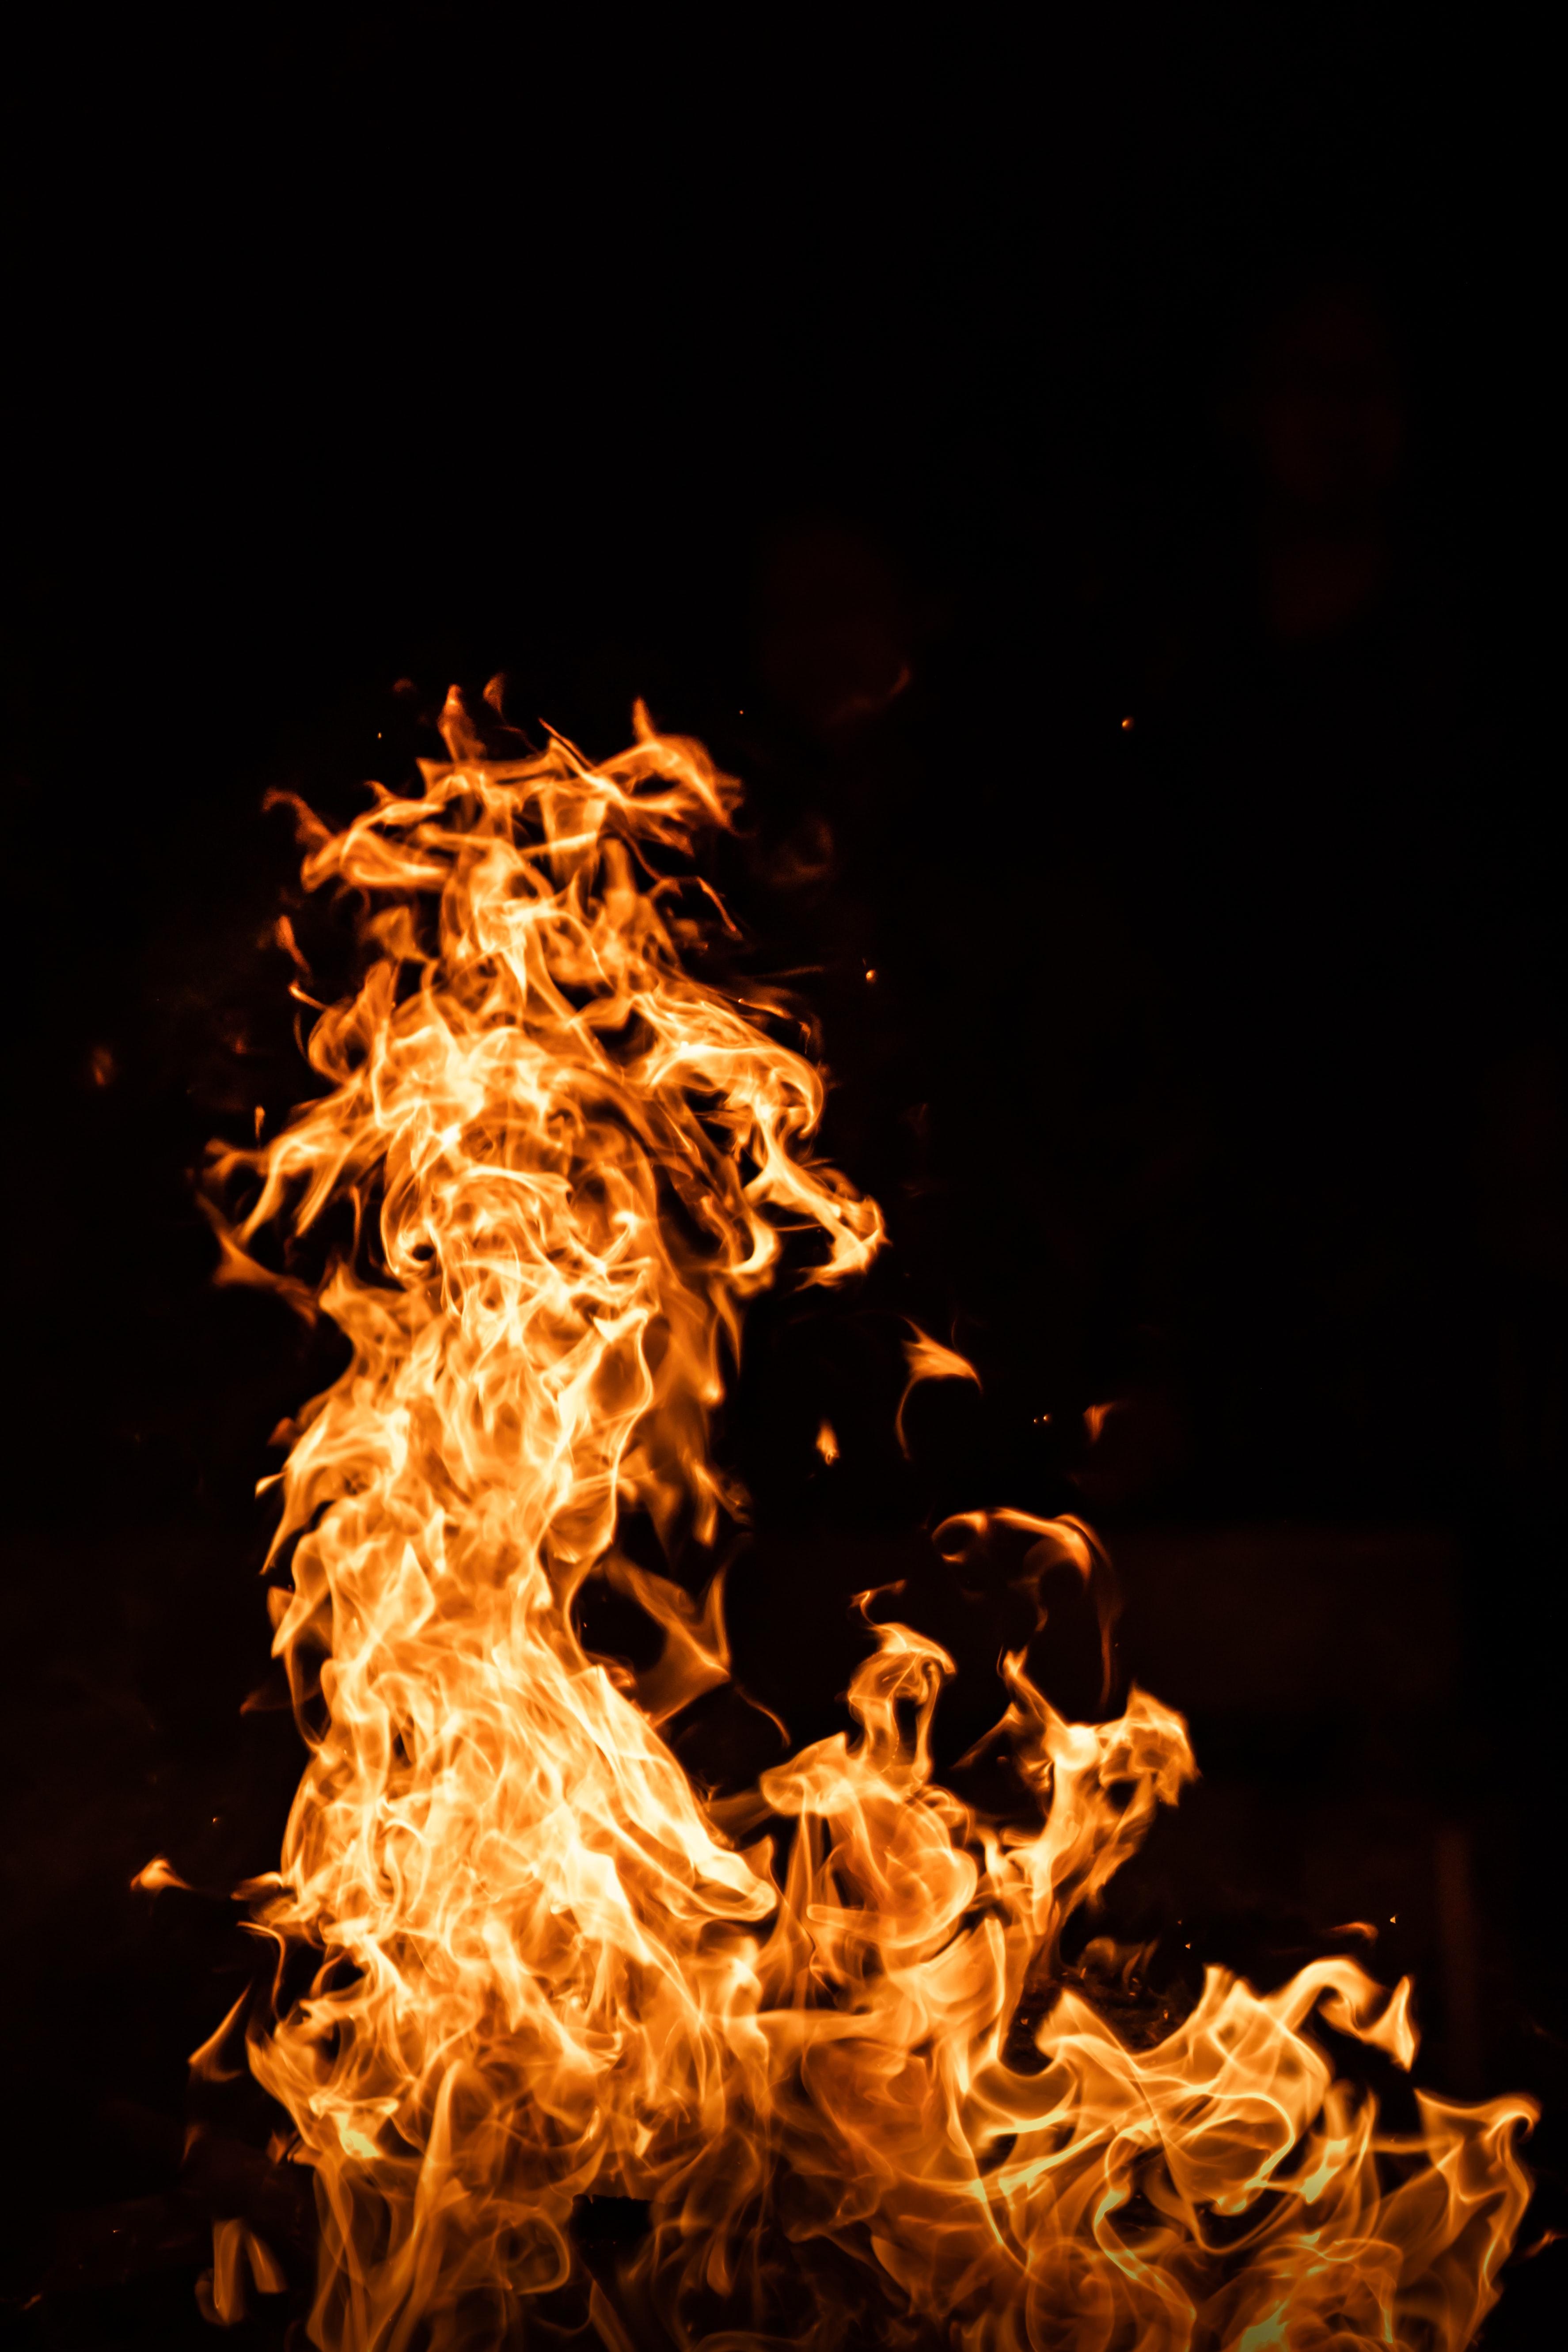 128841 Заставки и Обои Темные на телефон. Скачать Темные, Огонь, Пламя, Темный, Стихия картинки бесплатно